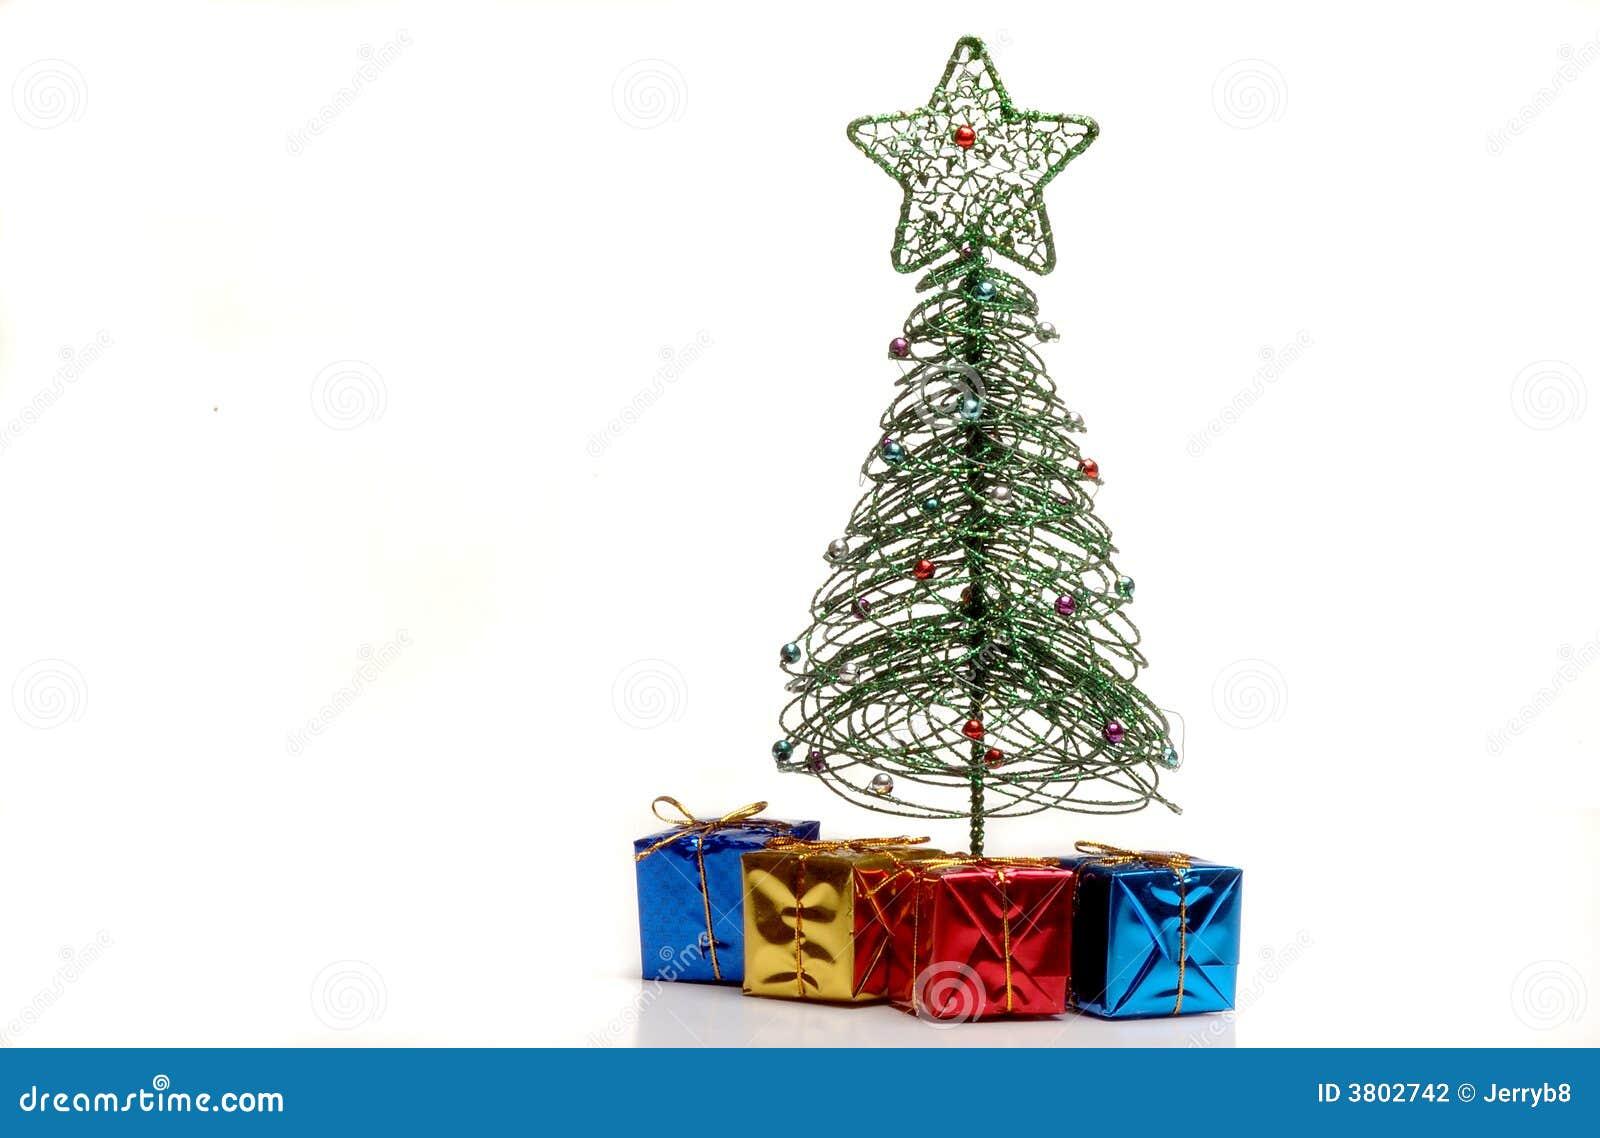 Regalos bajo el rbol de navidad fotograf a de archivo - Arbol tipico de navidad ...